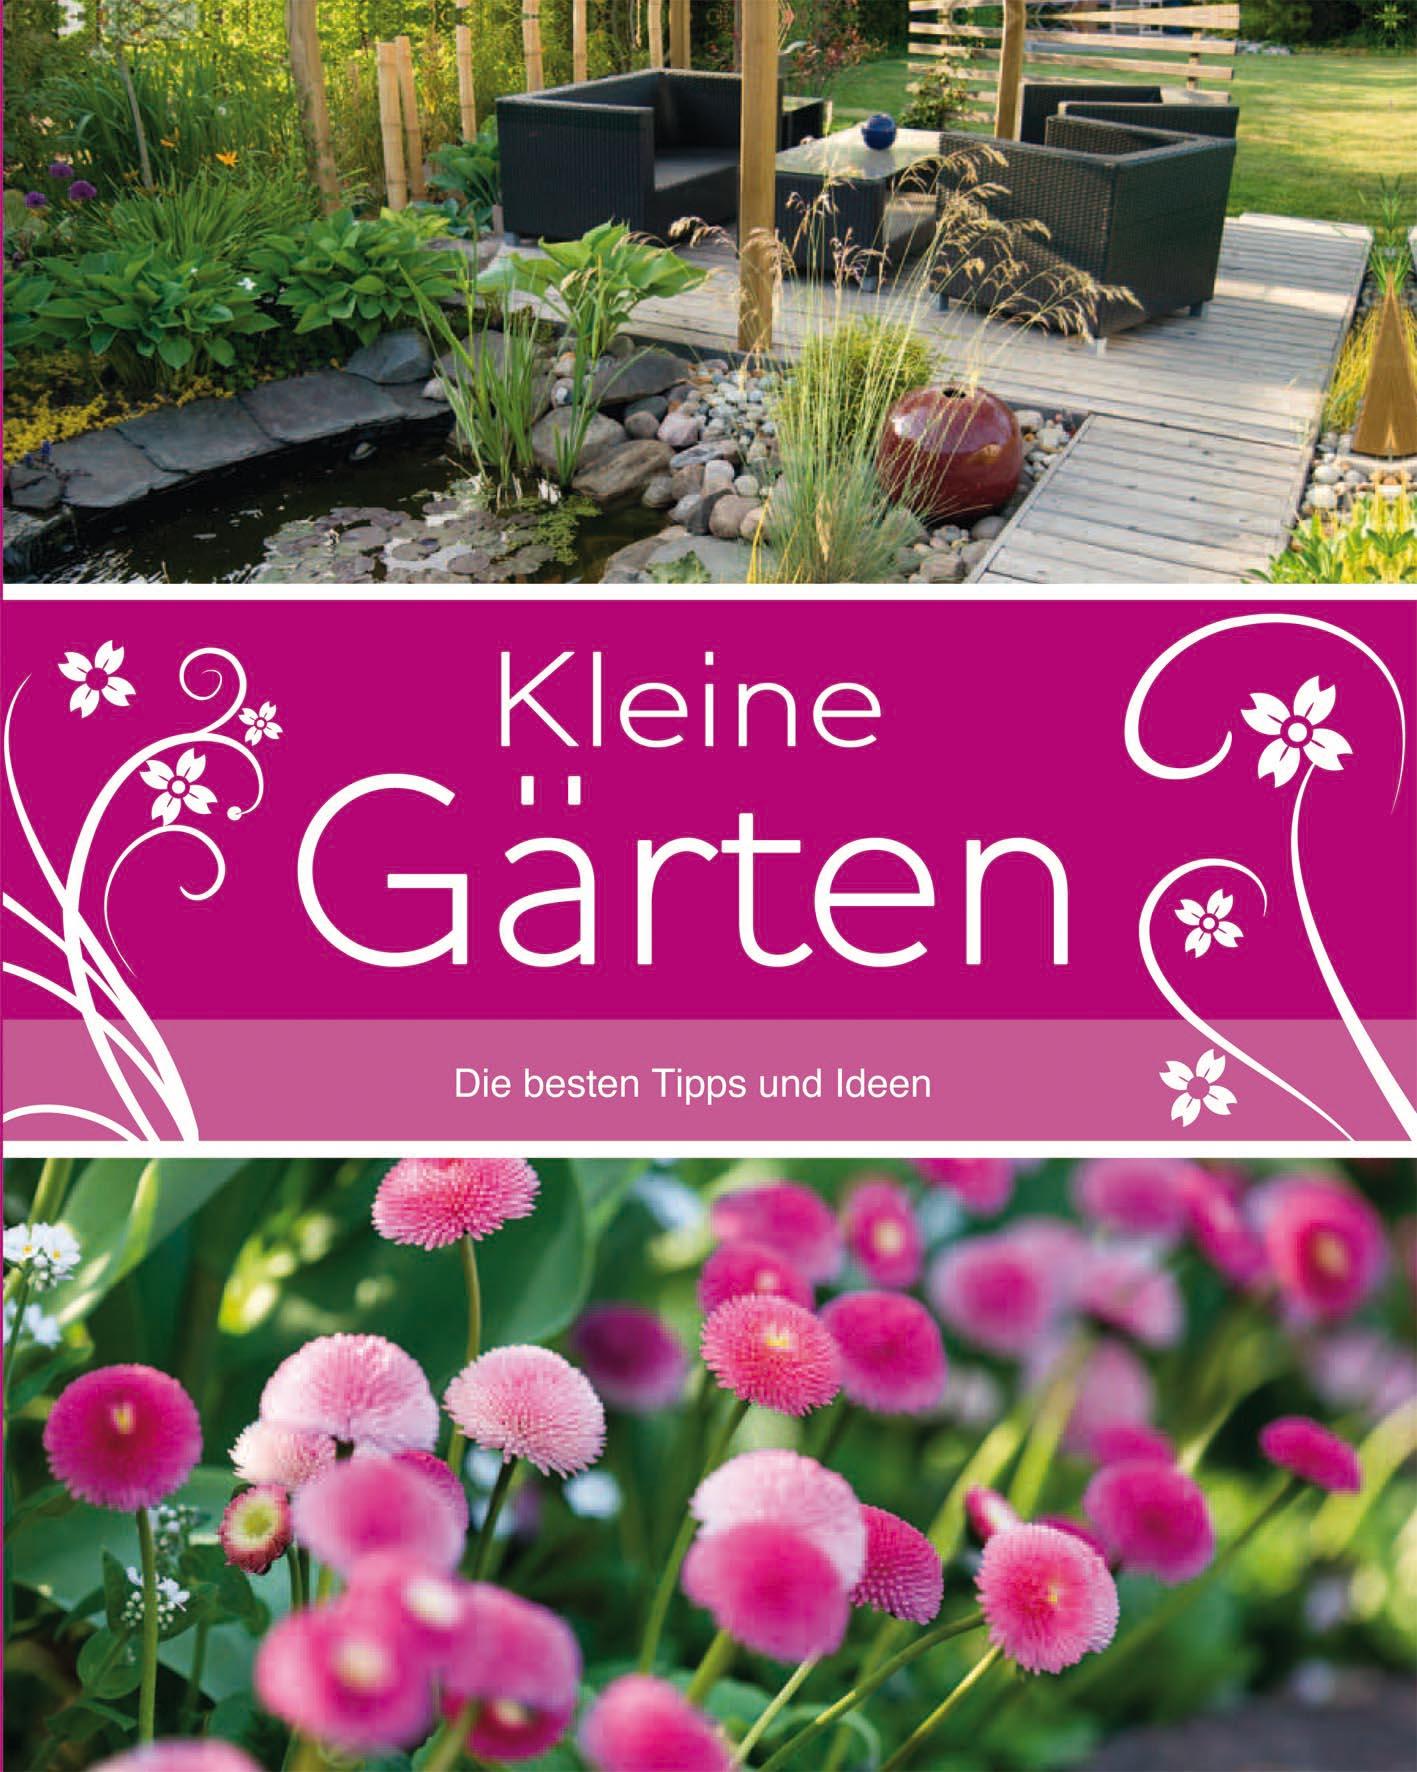 Garten: Kleine Gärten - David Squire